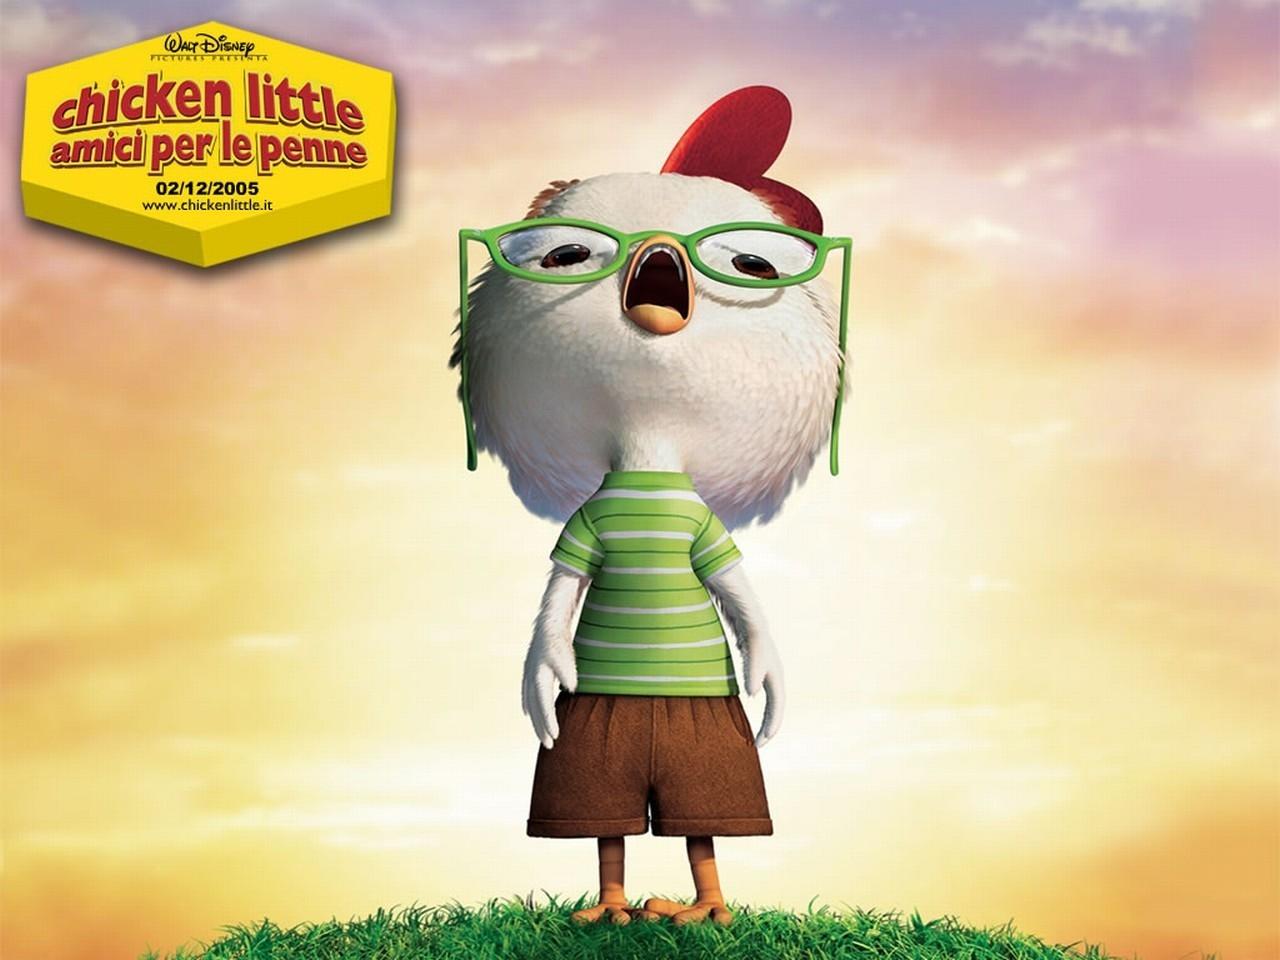 Wallpaper del film Chicken Little - Amici per le penne